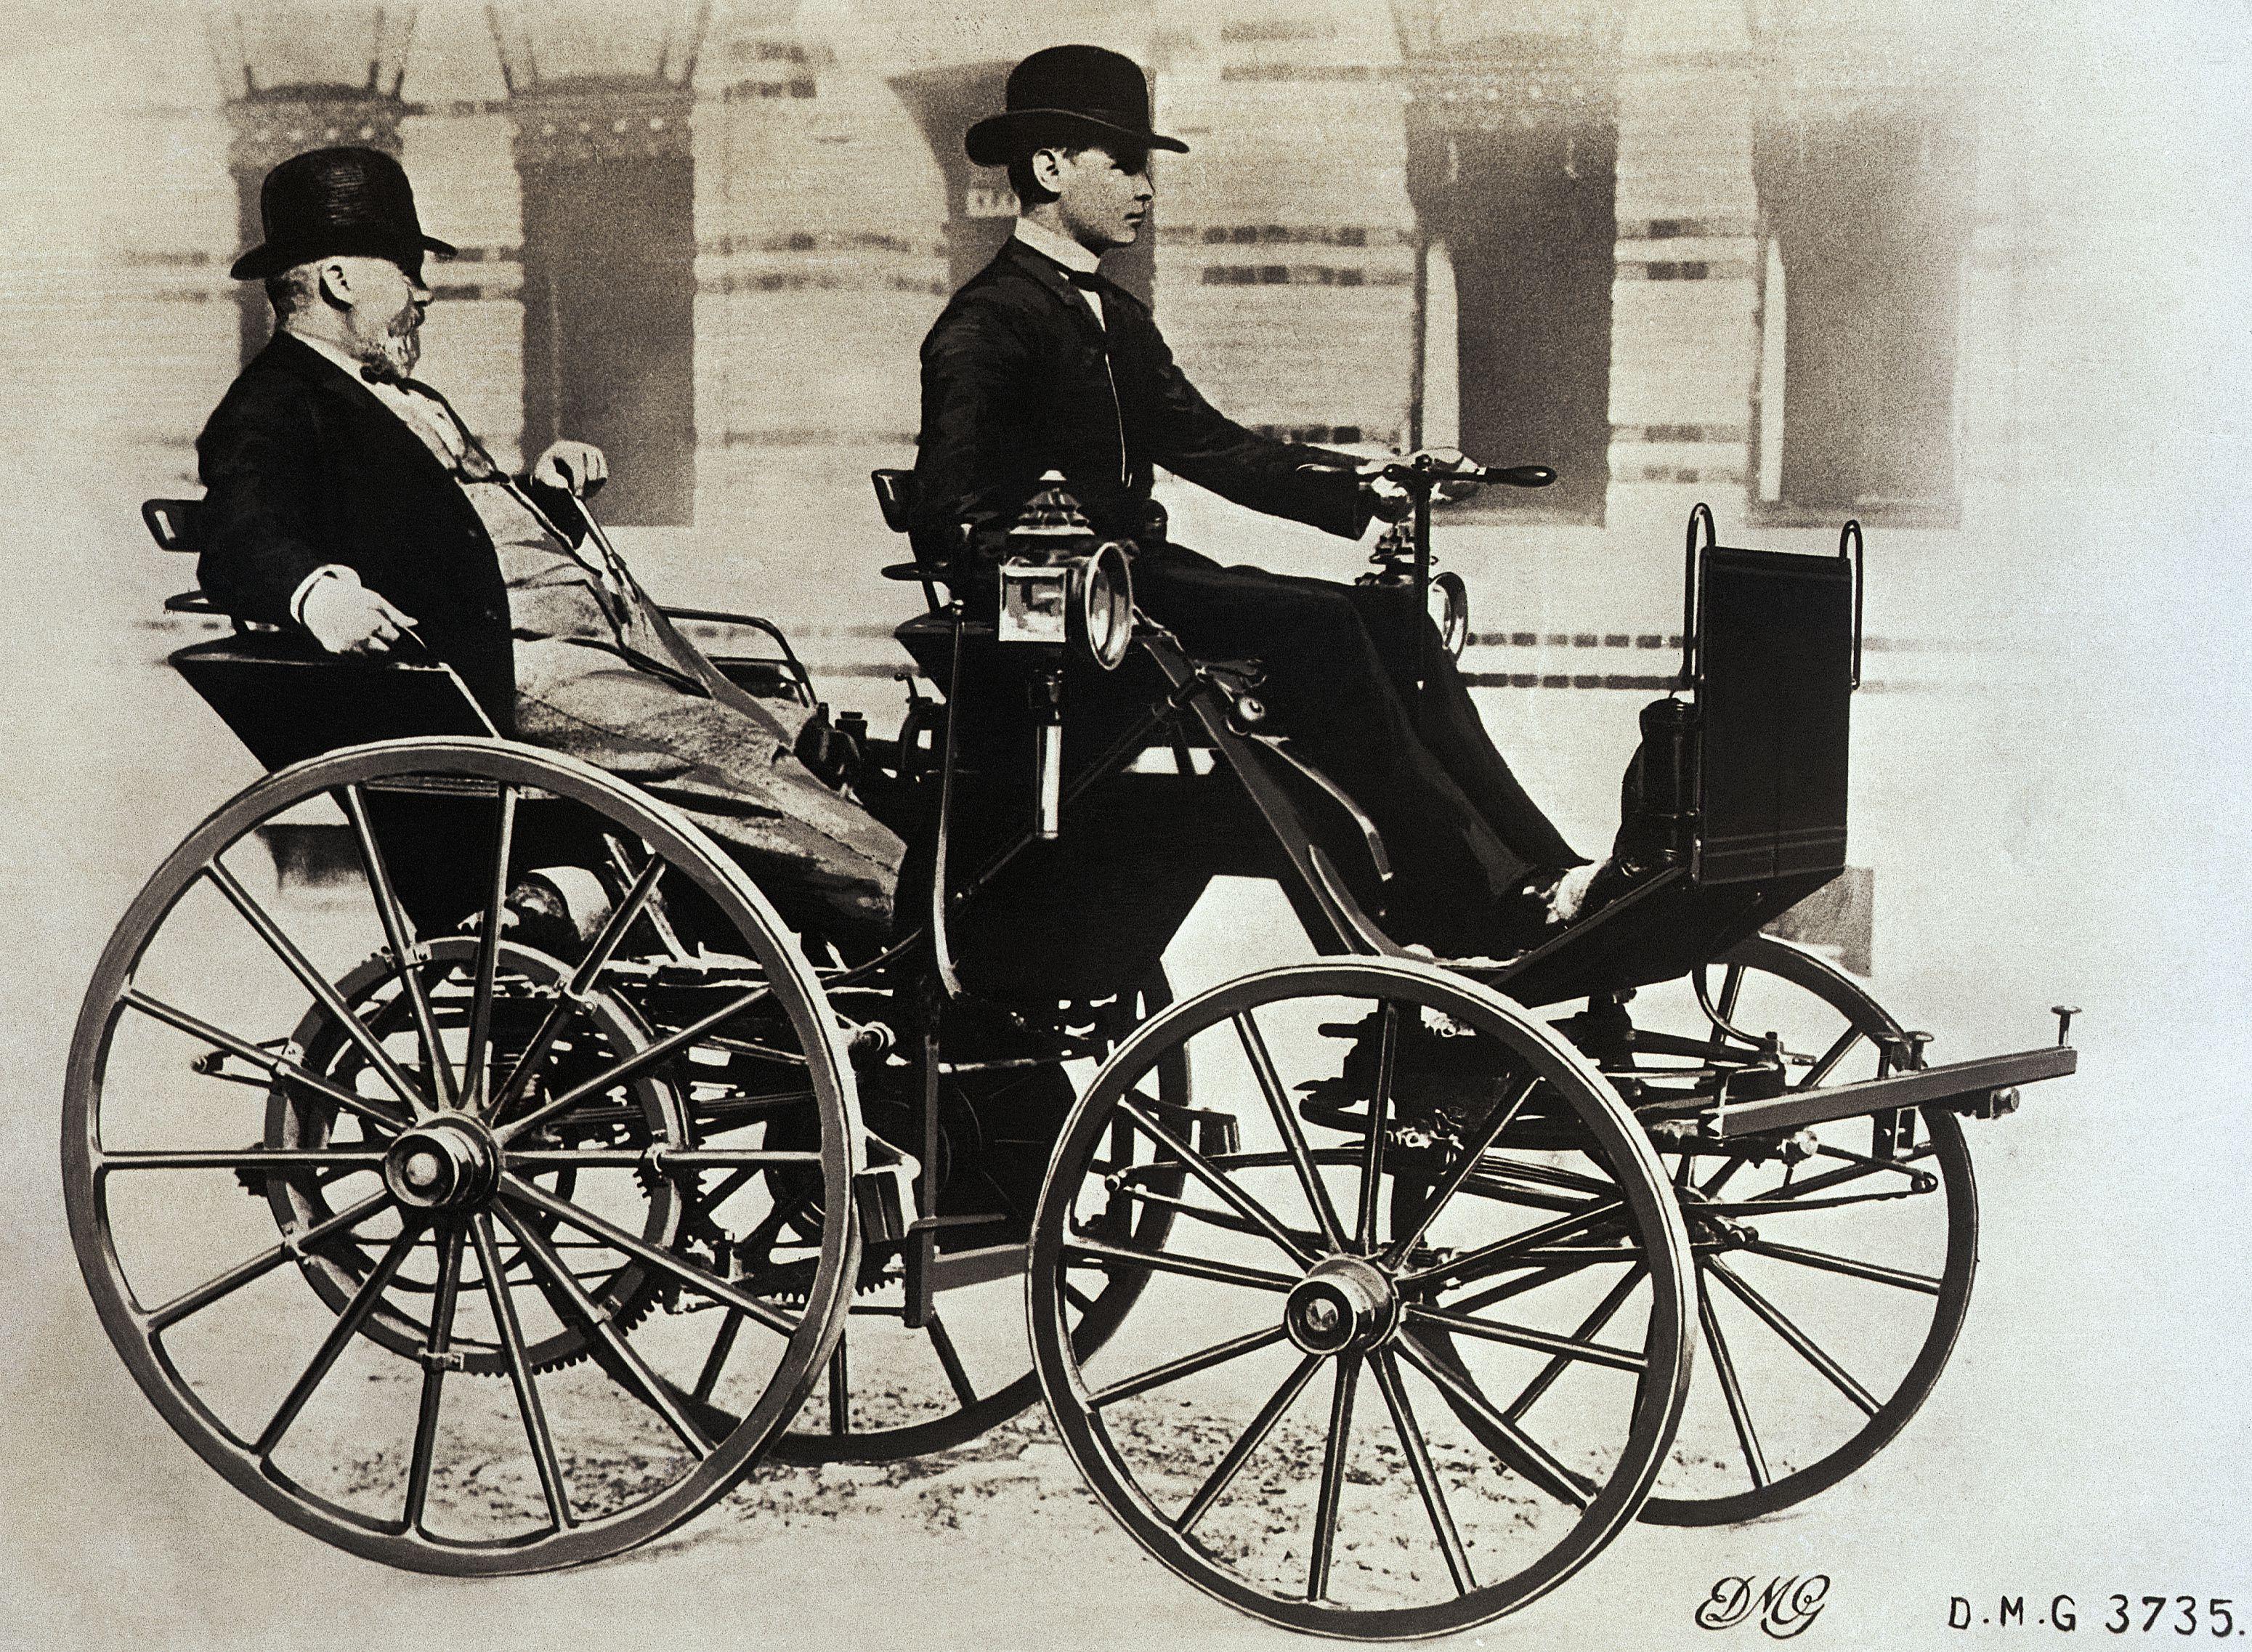 Antique Cars 1880 Through 1916